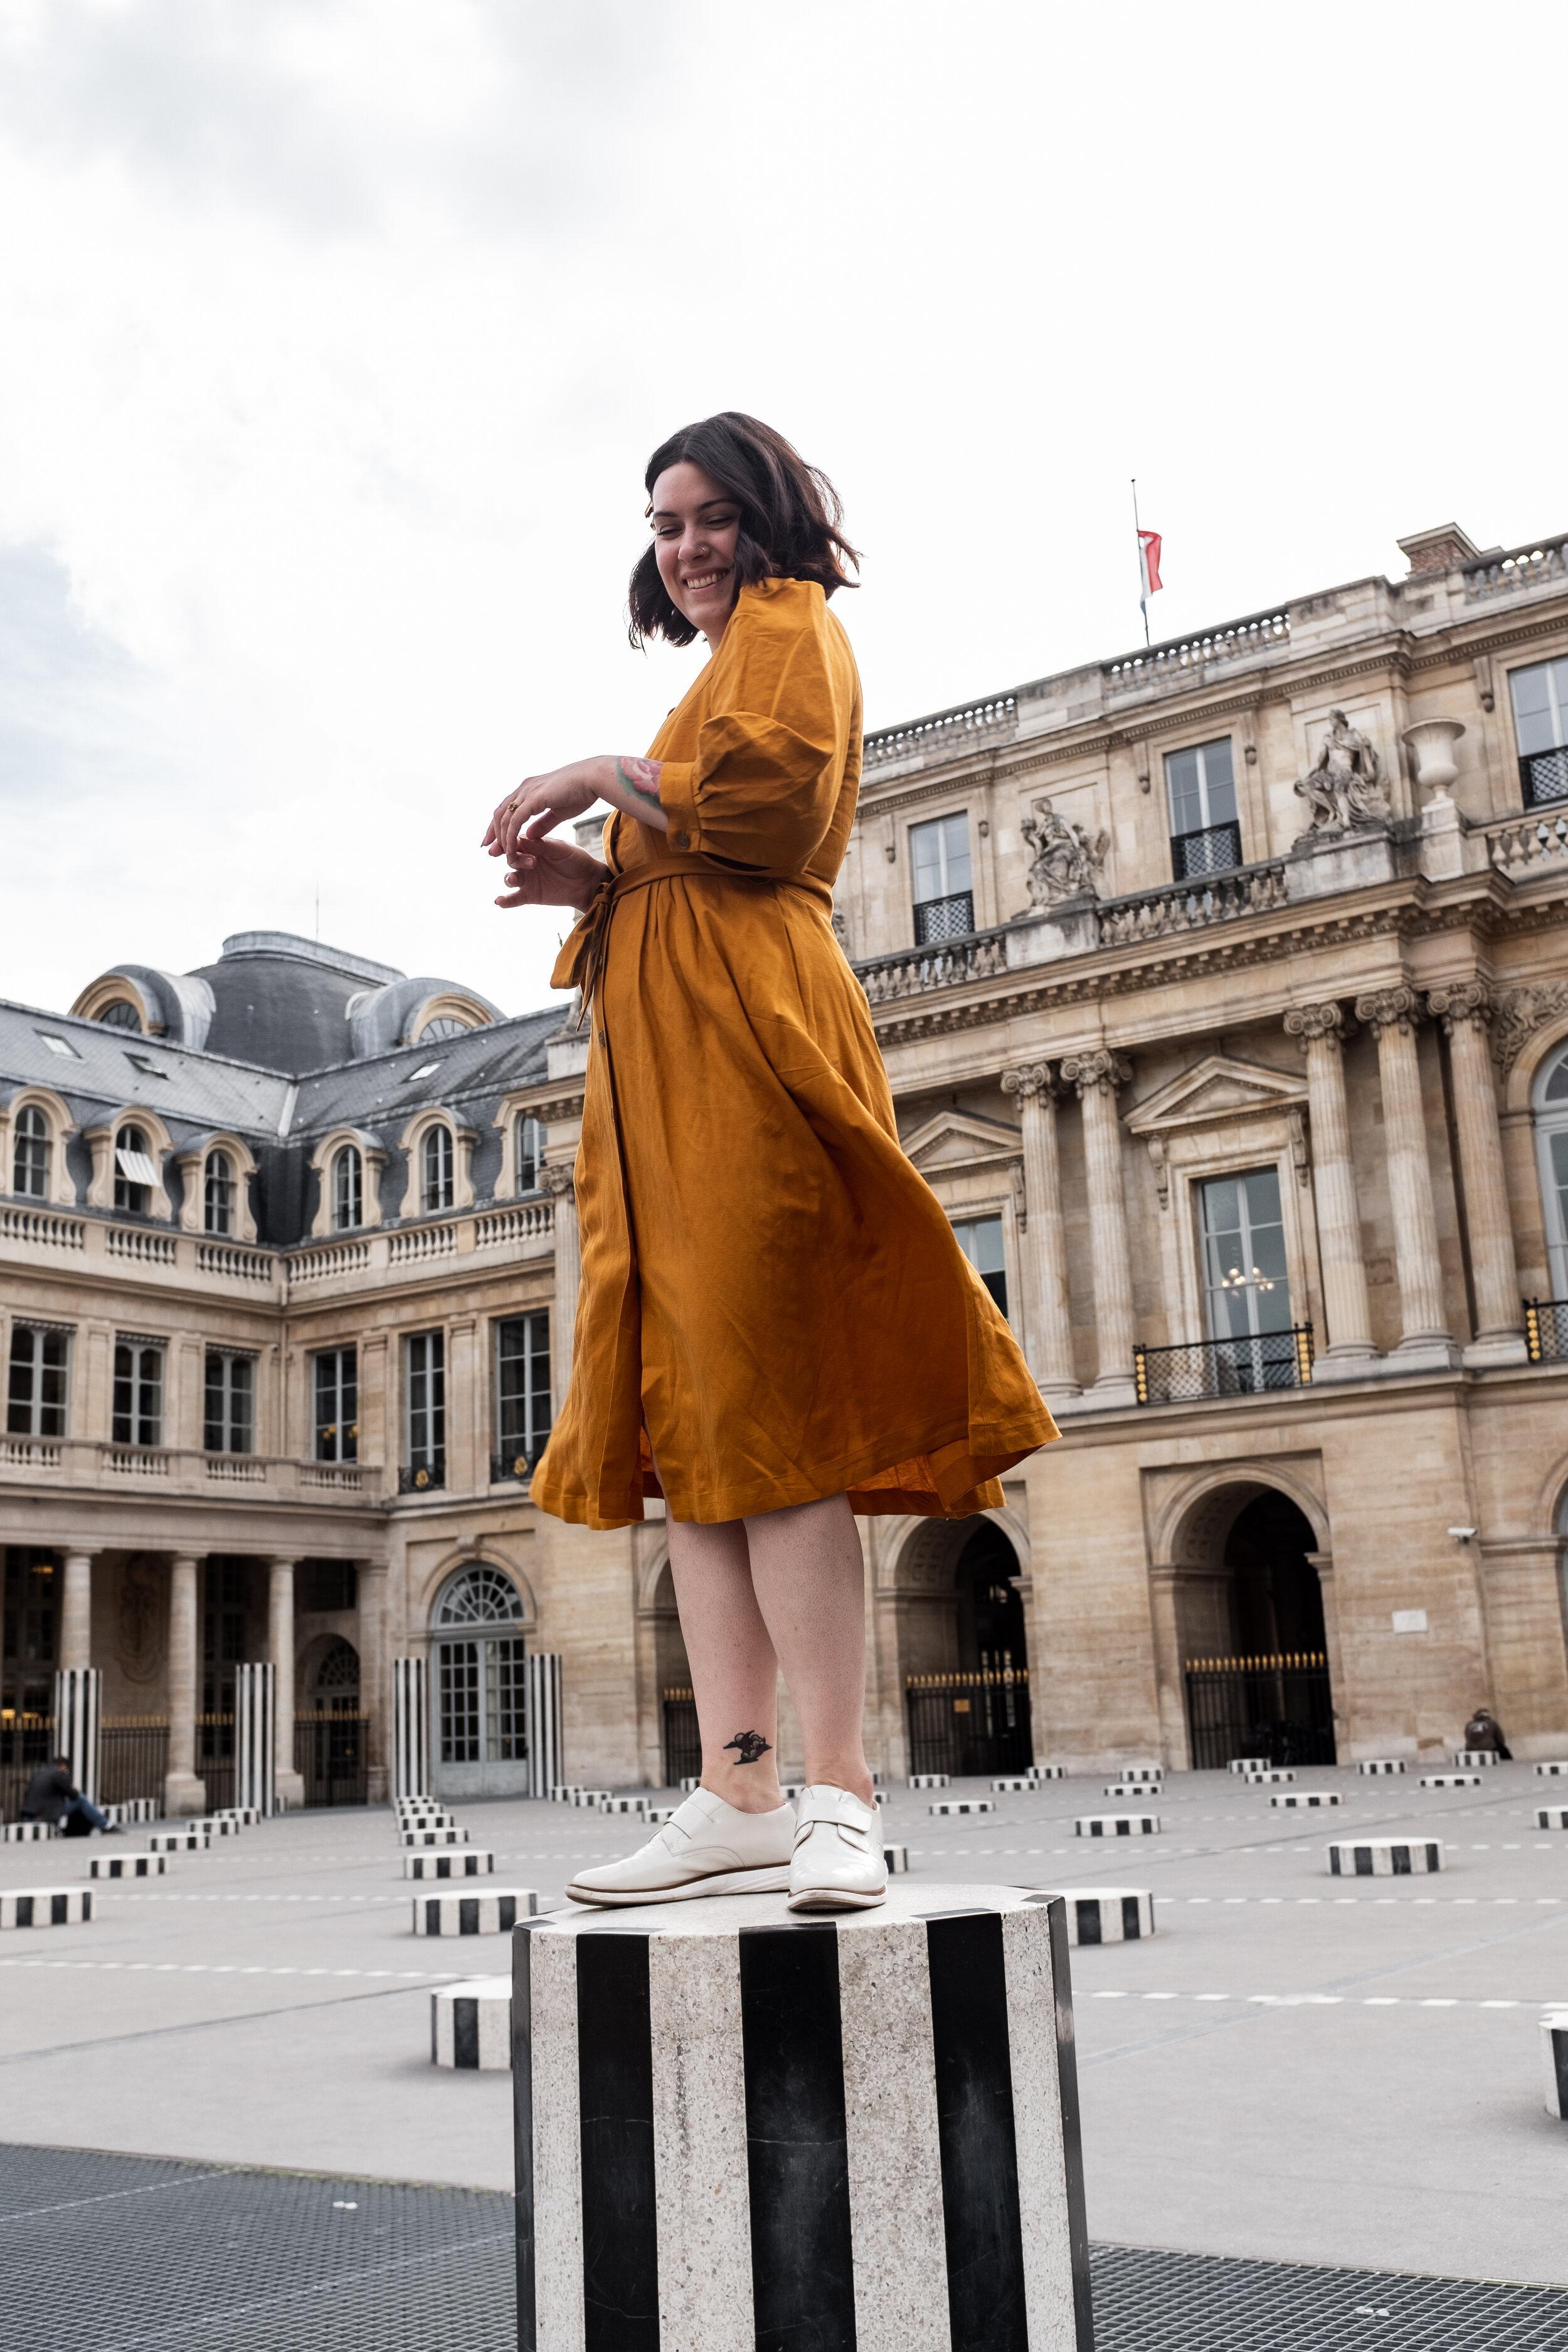 Paris, France 2019